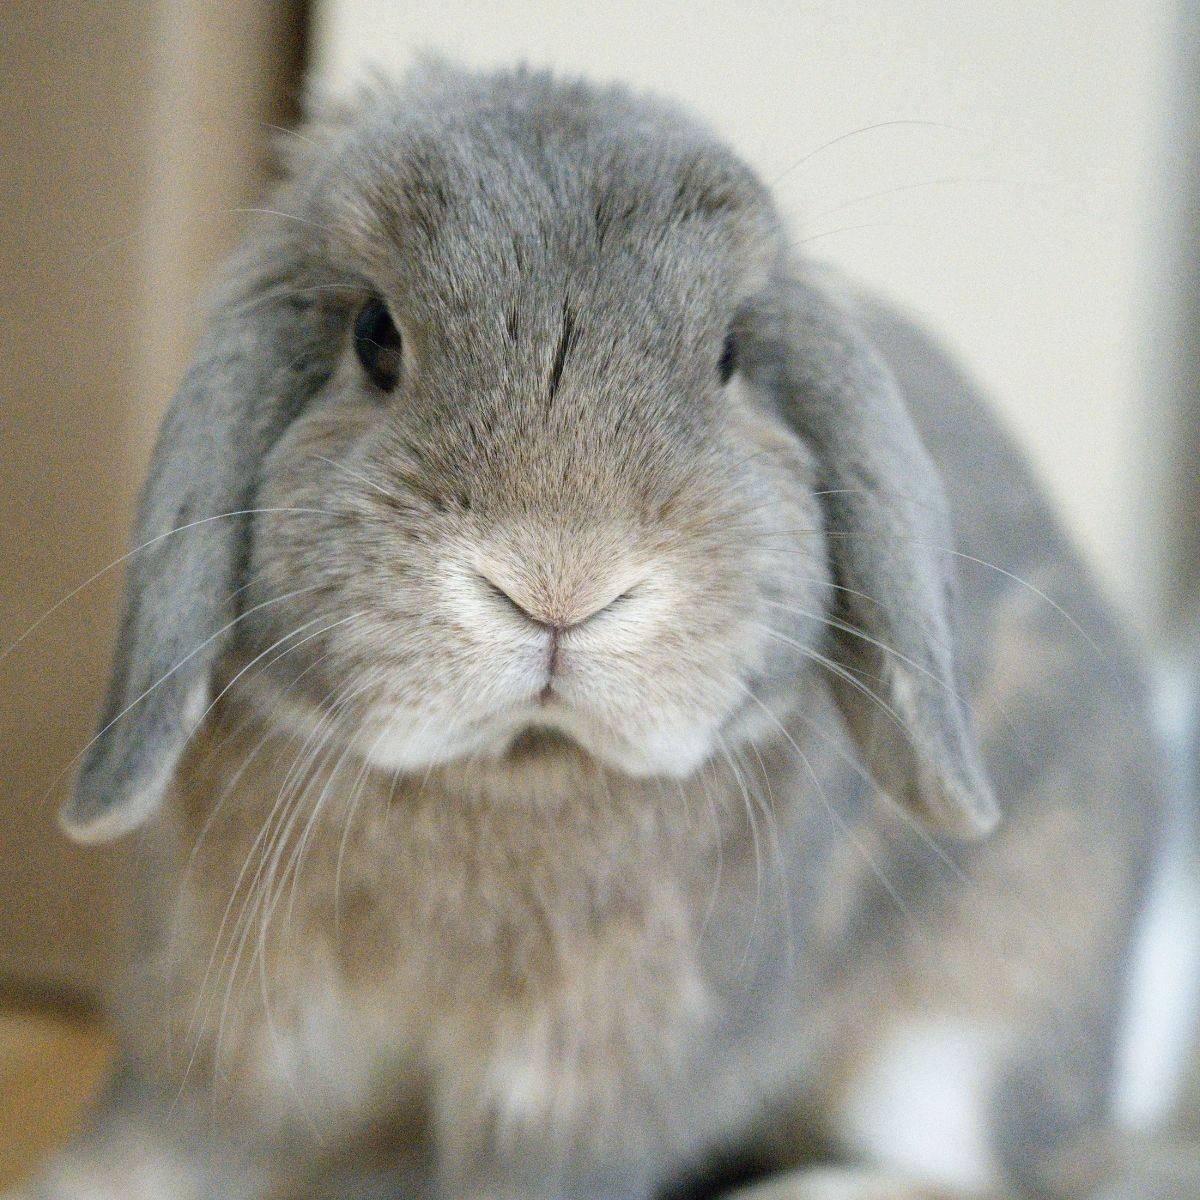 Les lapins ne supportent pas le fipronil